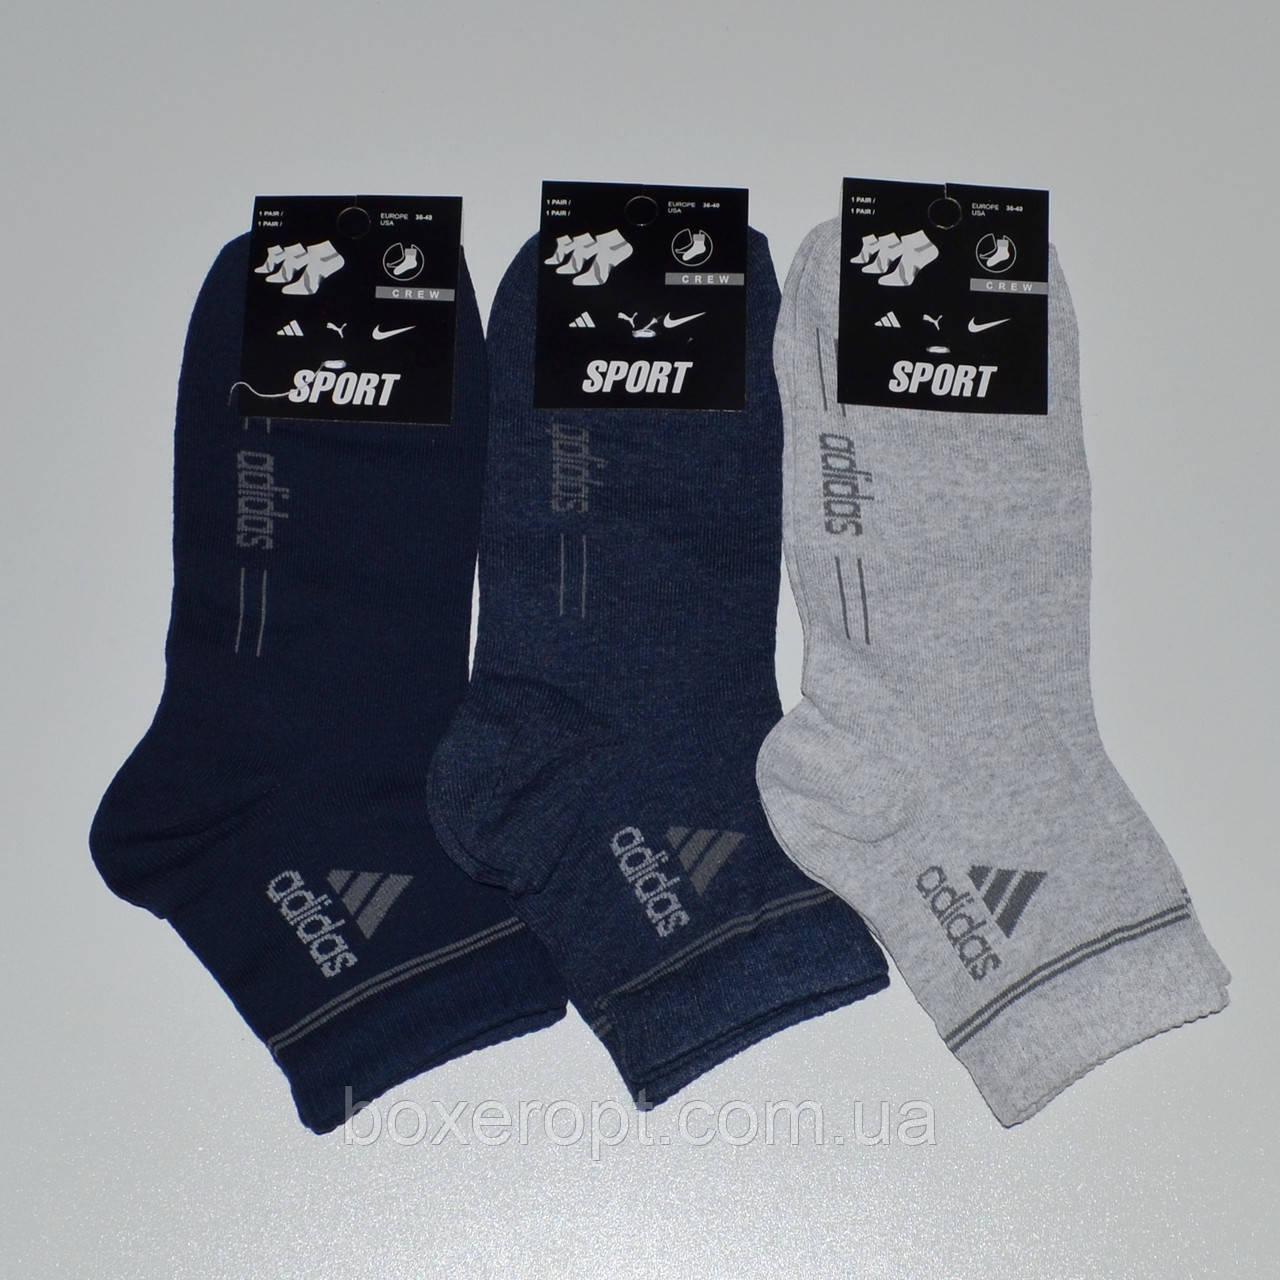 Мужские носки Adidas - 8.00 грн./пара (ассорти)